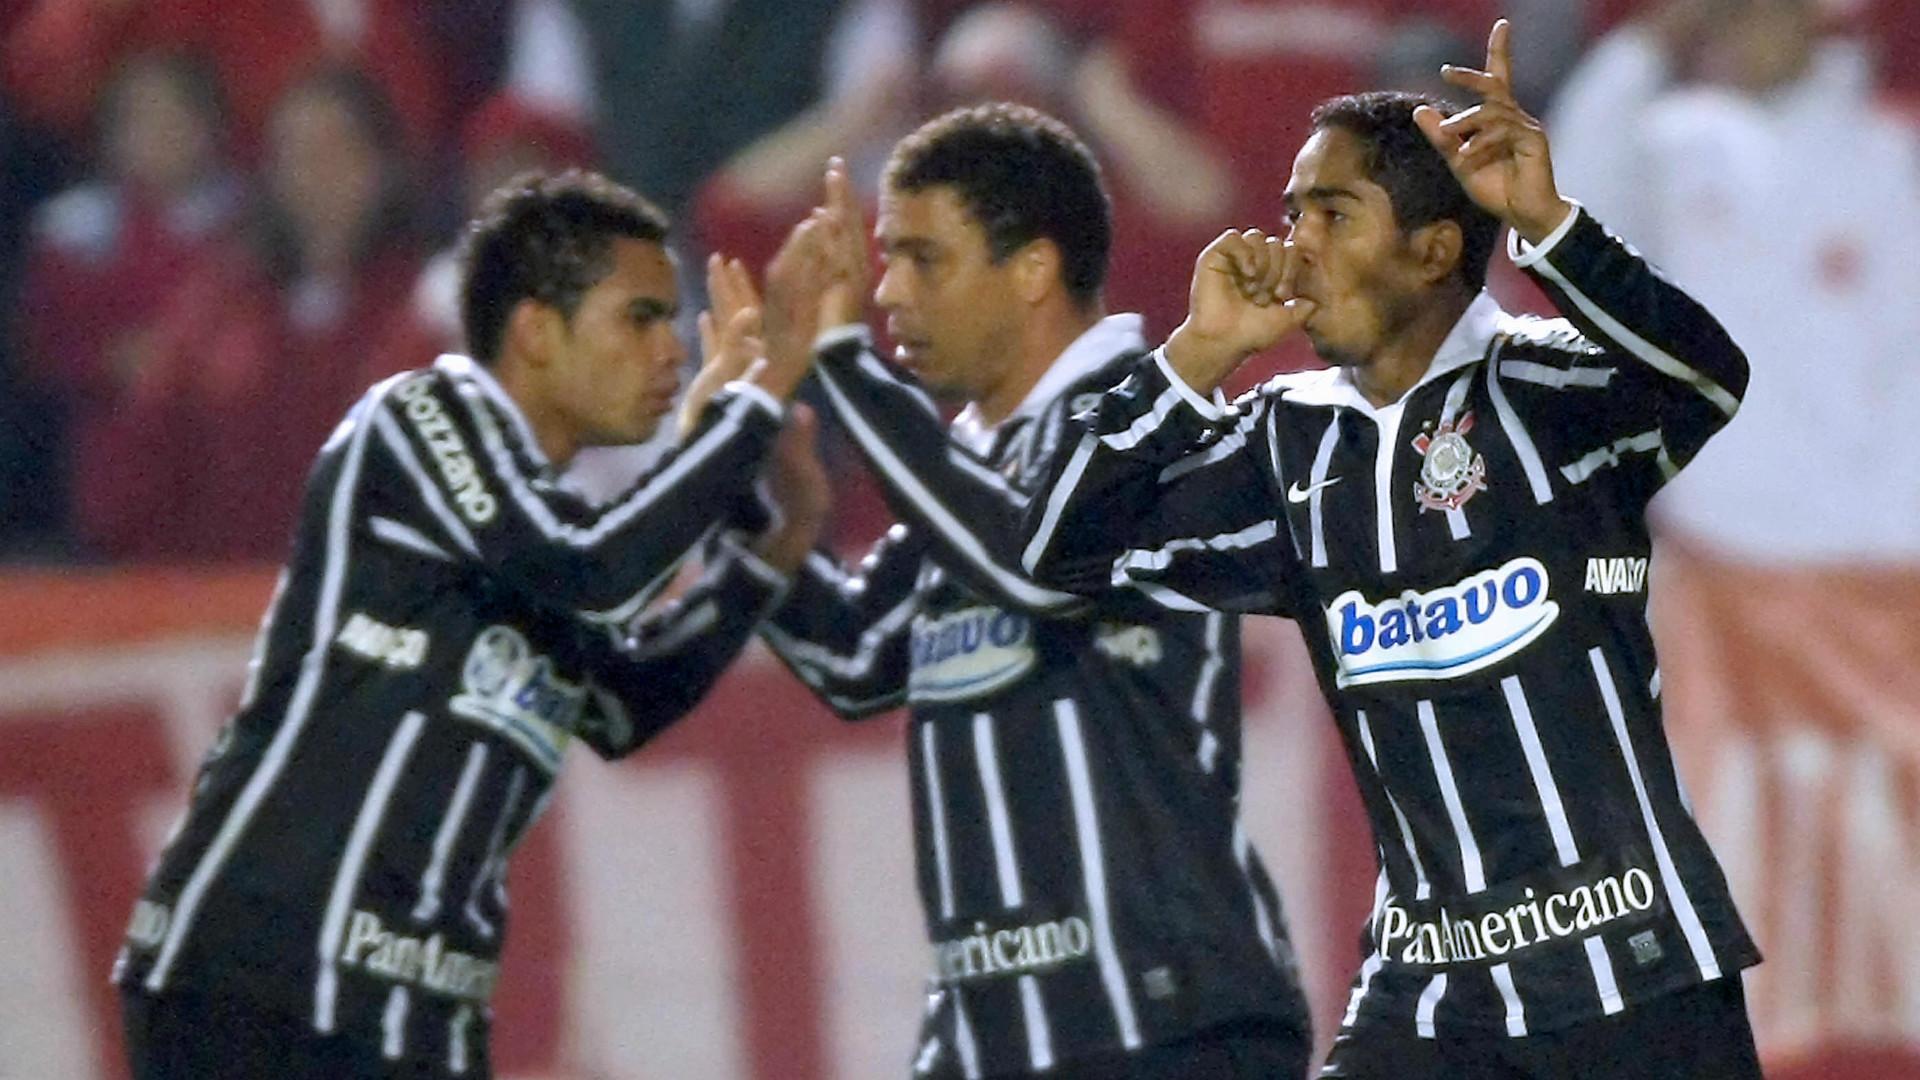 Jorge Henrique, Ronaldo e Dentinho - Corinthians x Internacional - Copa do Brasil 2009 - 1/07/2009